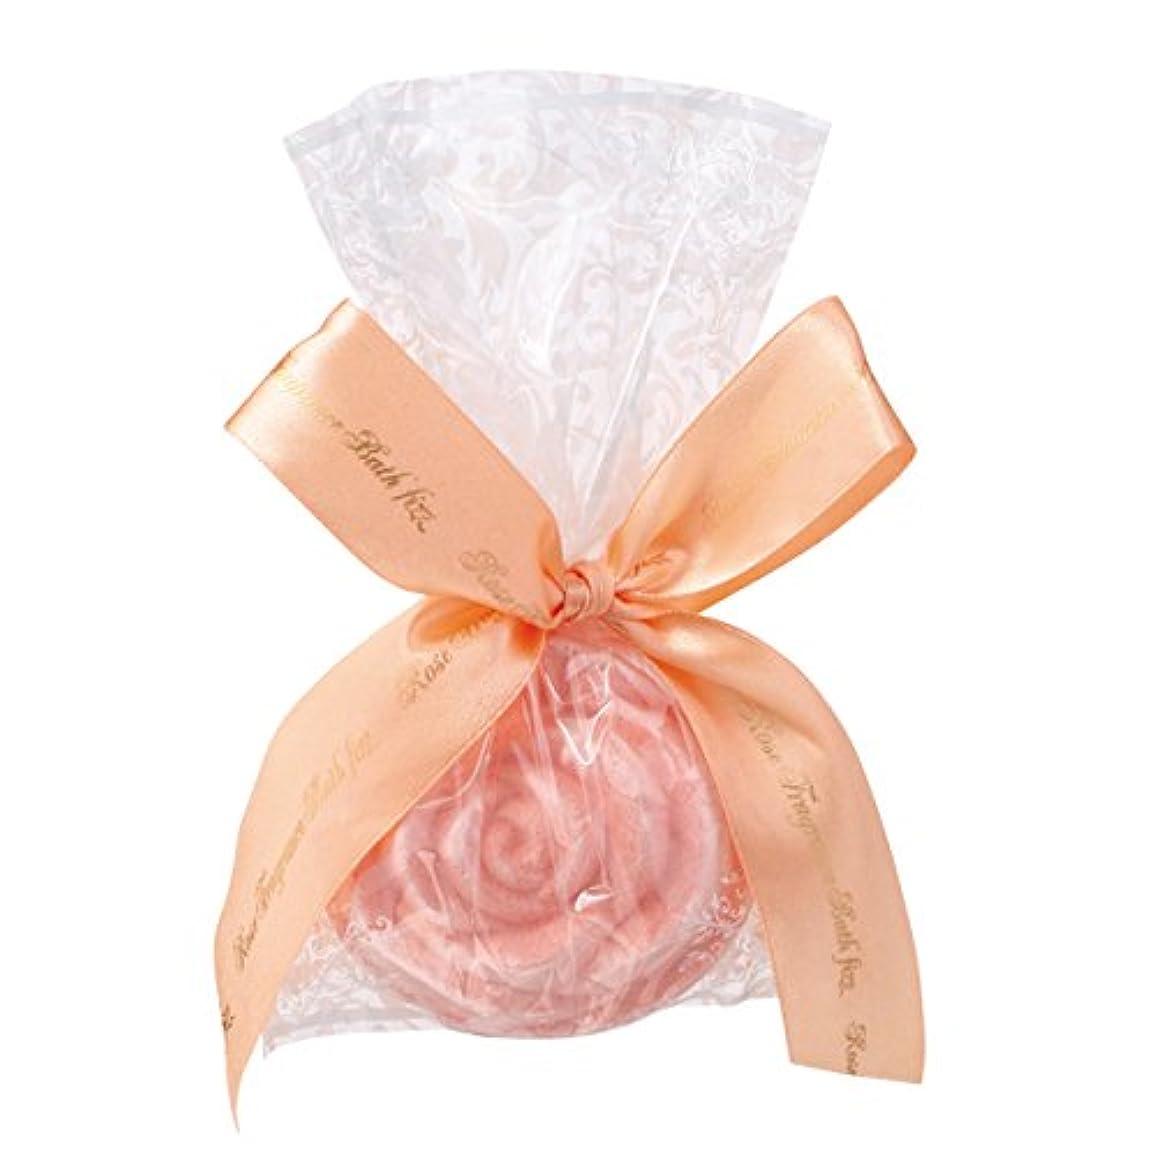 表面小包道(内野)UCHINO ノルコーポレーション ローズフレグランスバスフィズ(ラビングローズの香り)